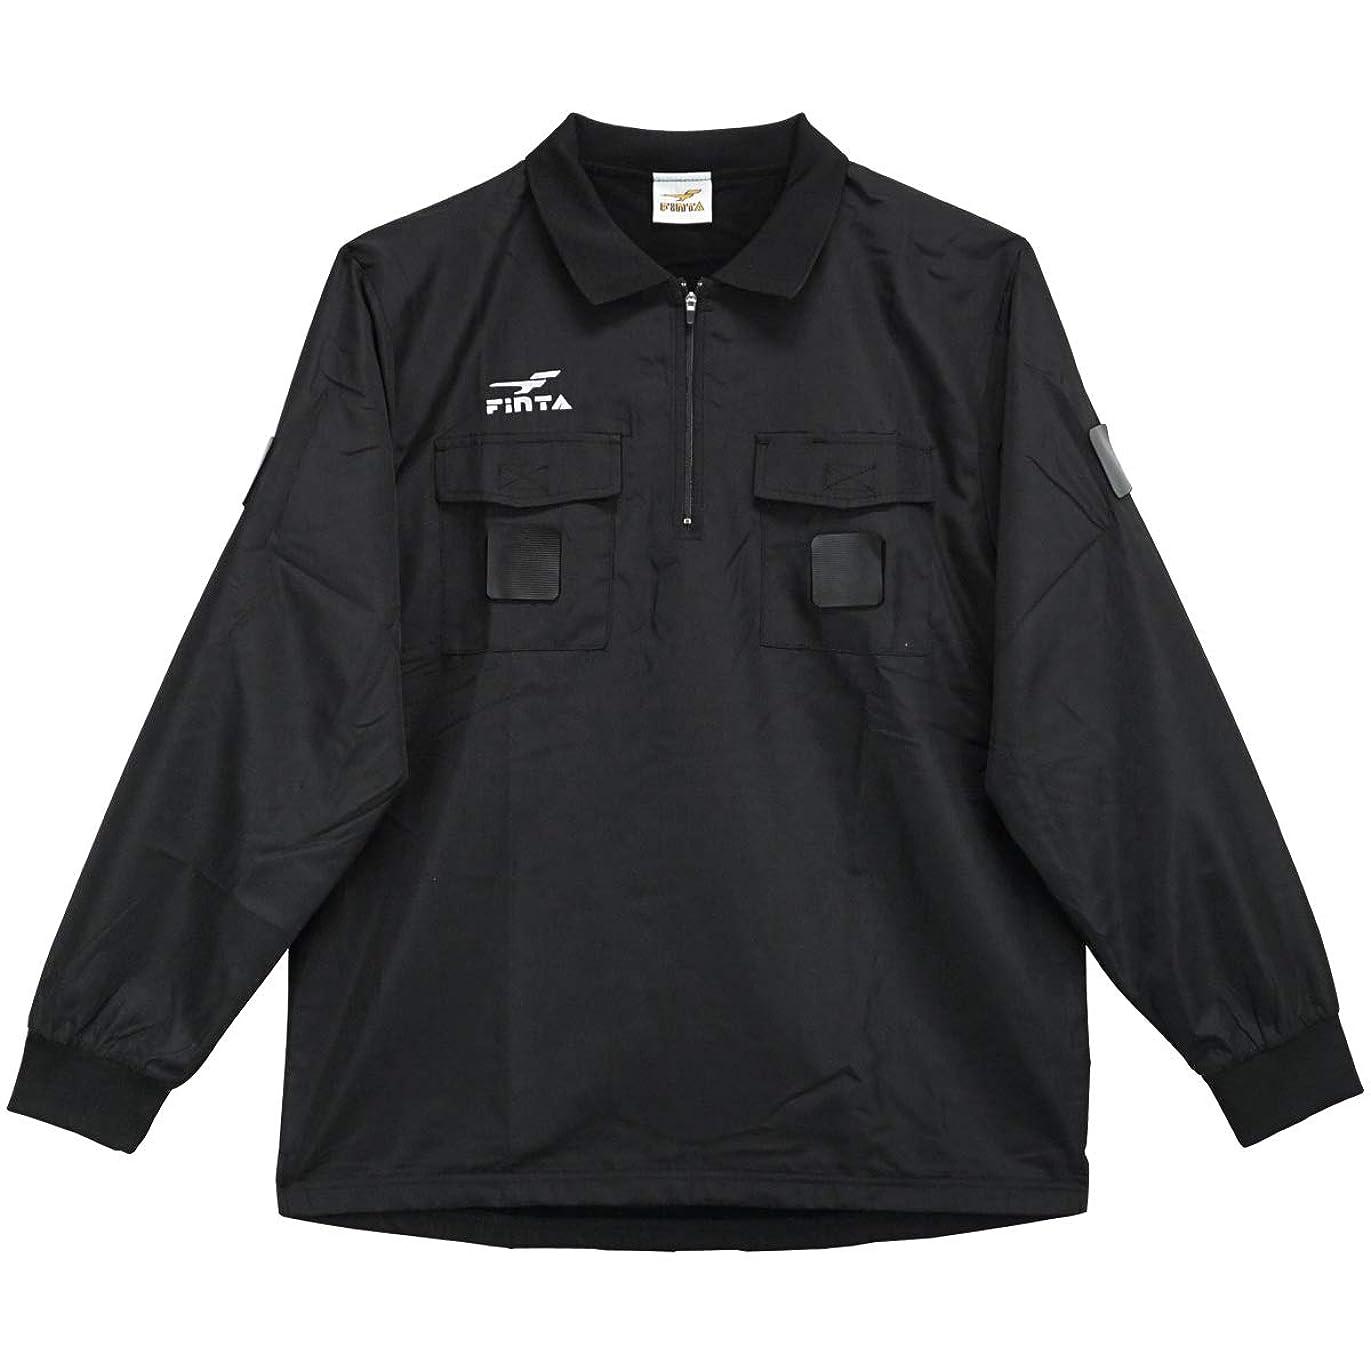 スタッフアーチ予言する[フィンタ] サッカー レフリー 冬用4点セット ブラック FT5150